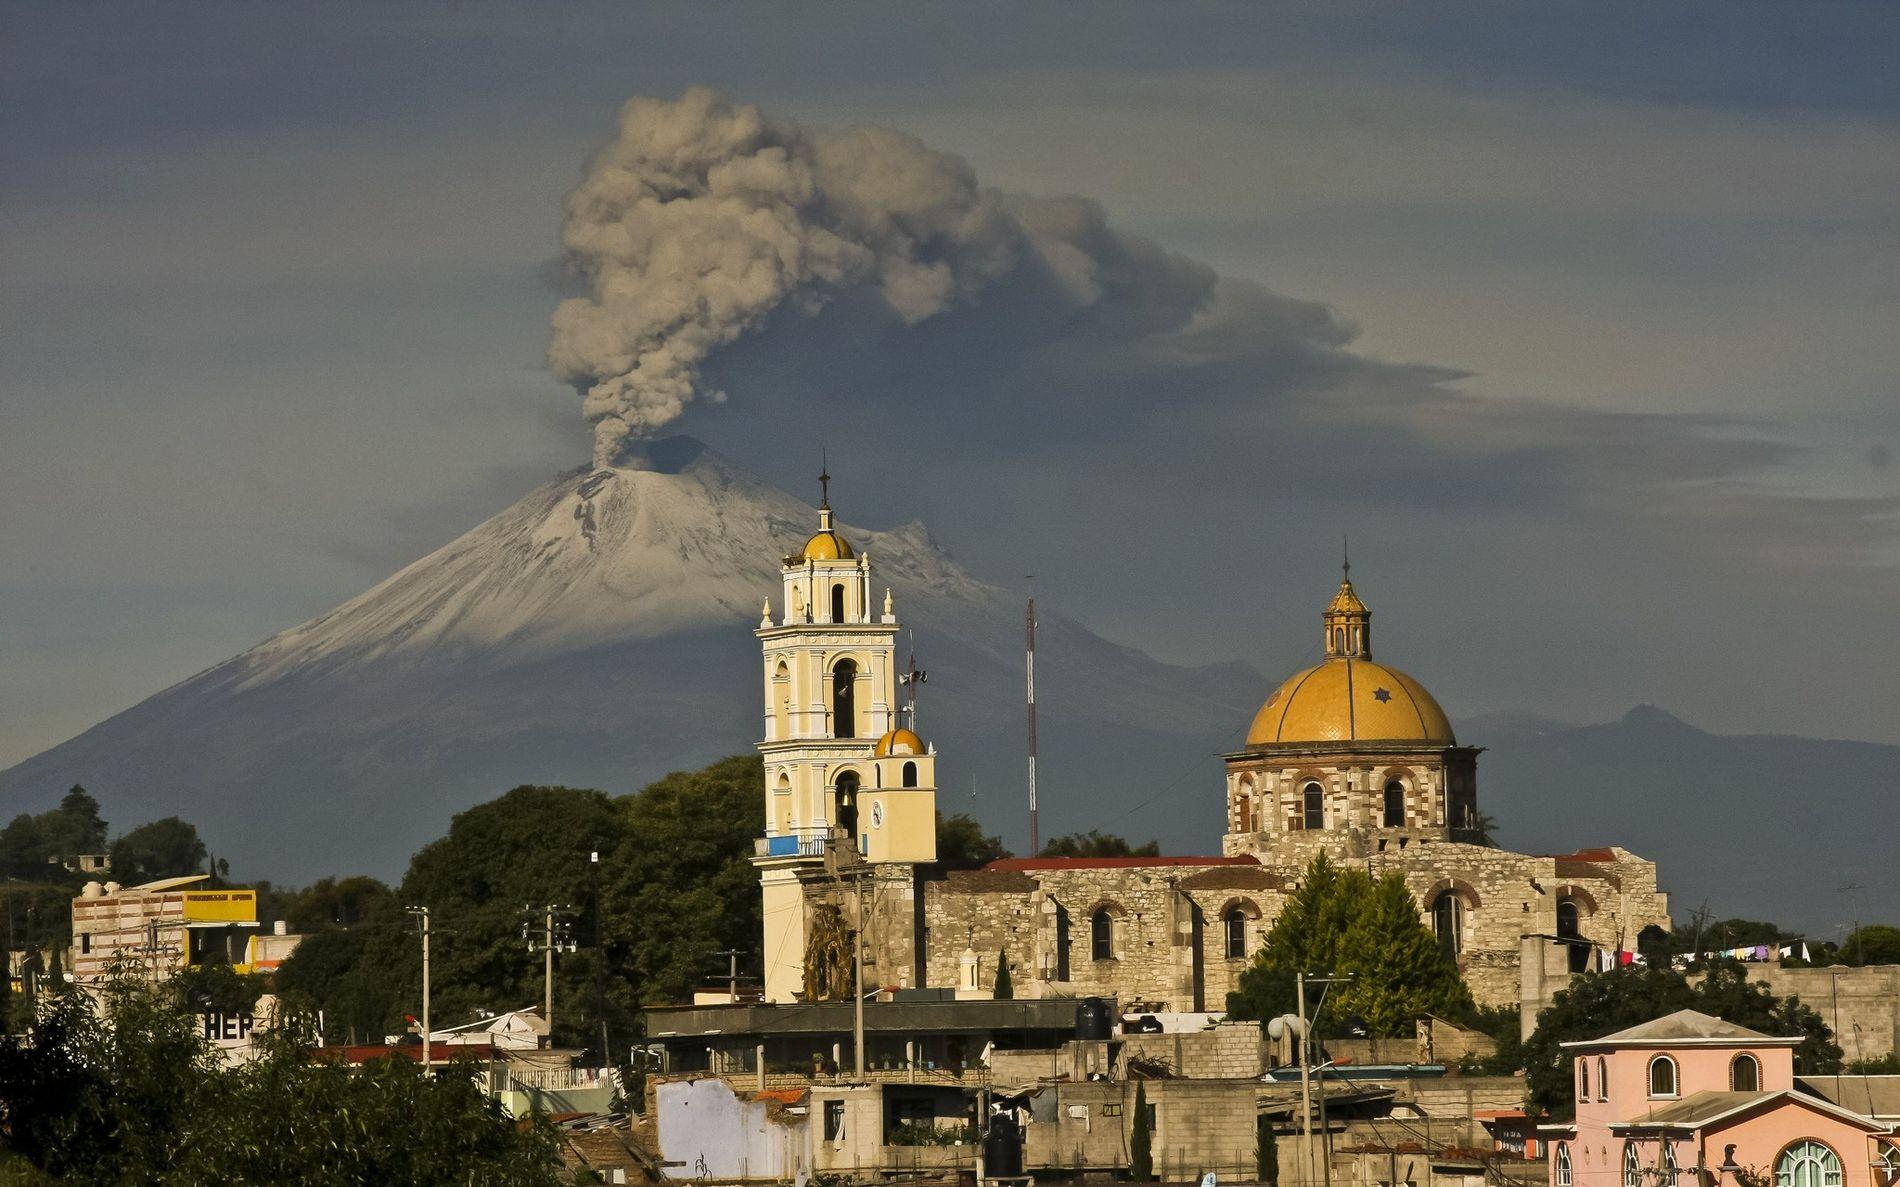 Las cenizas del volcán Popocatépetl de México en julio de 2013. El pico es parte del ...